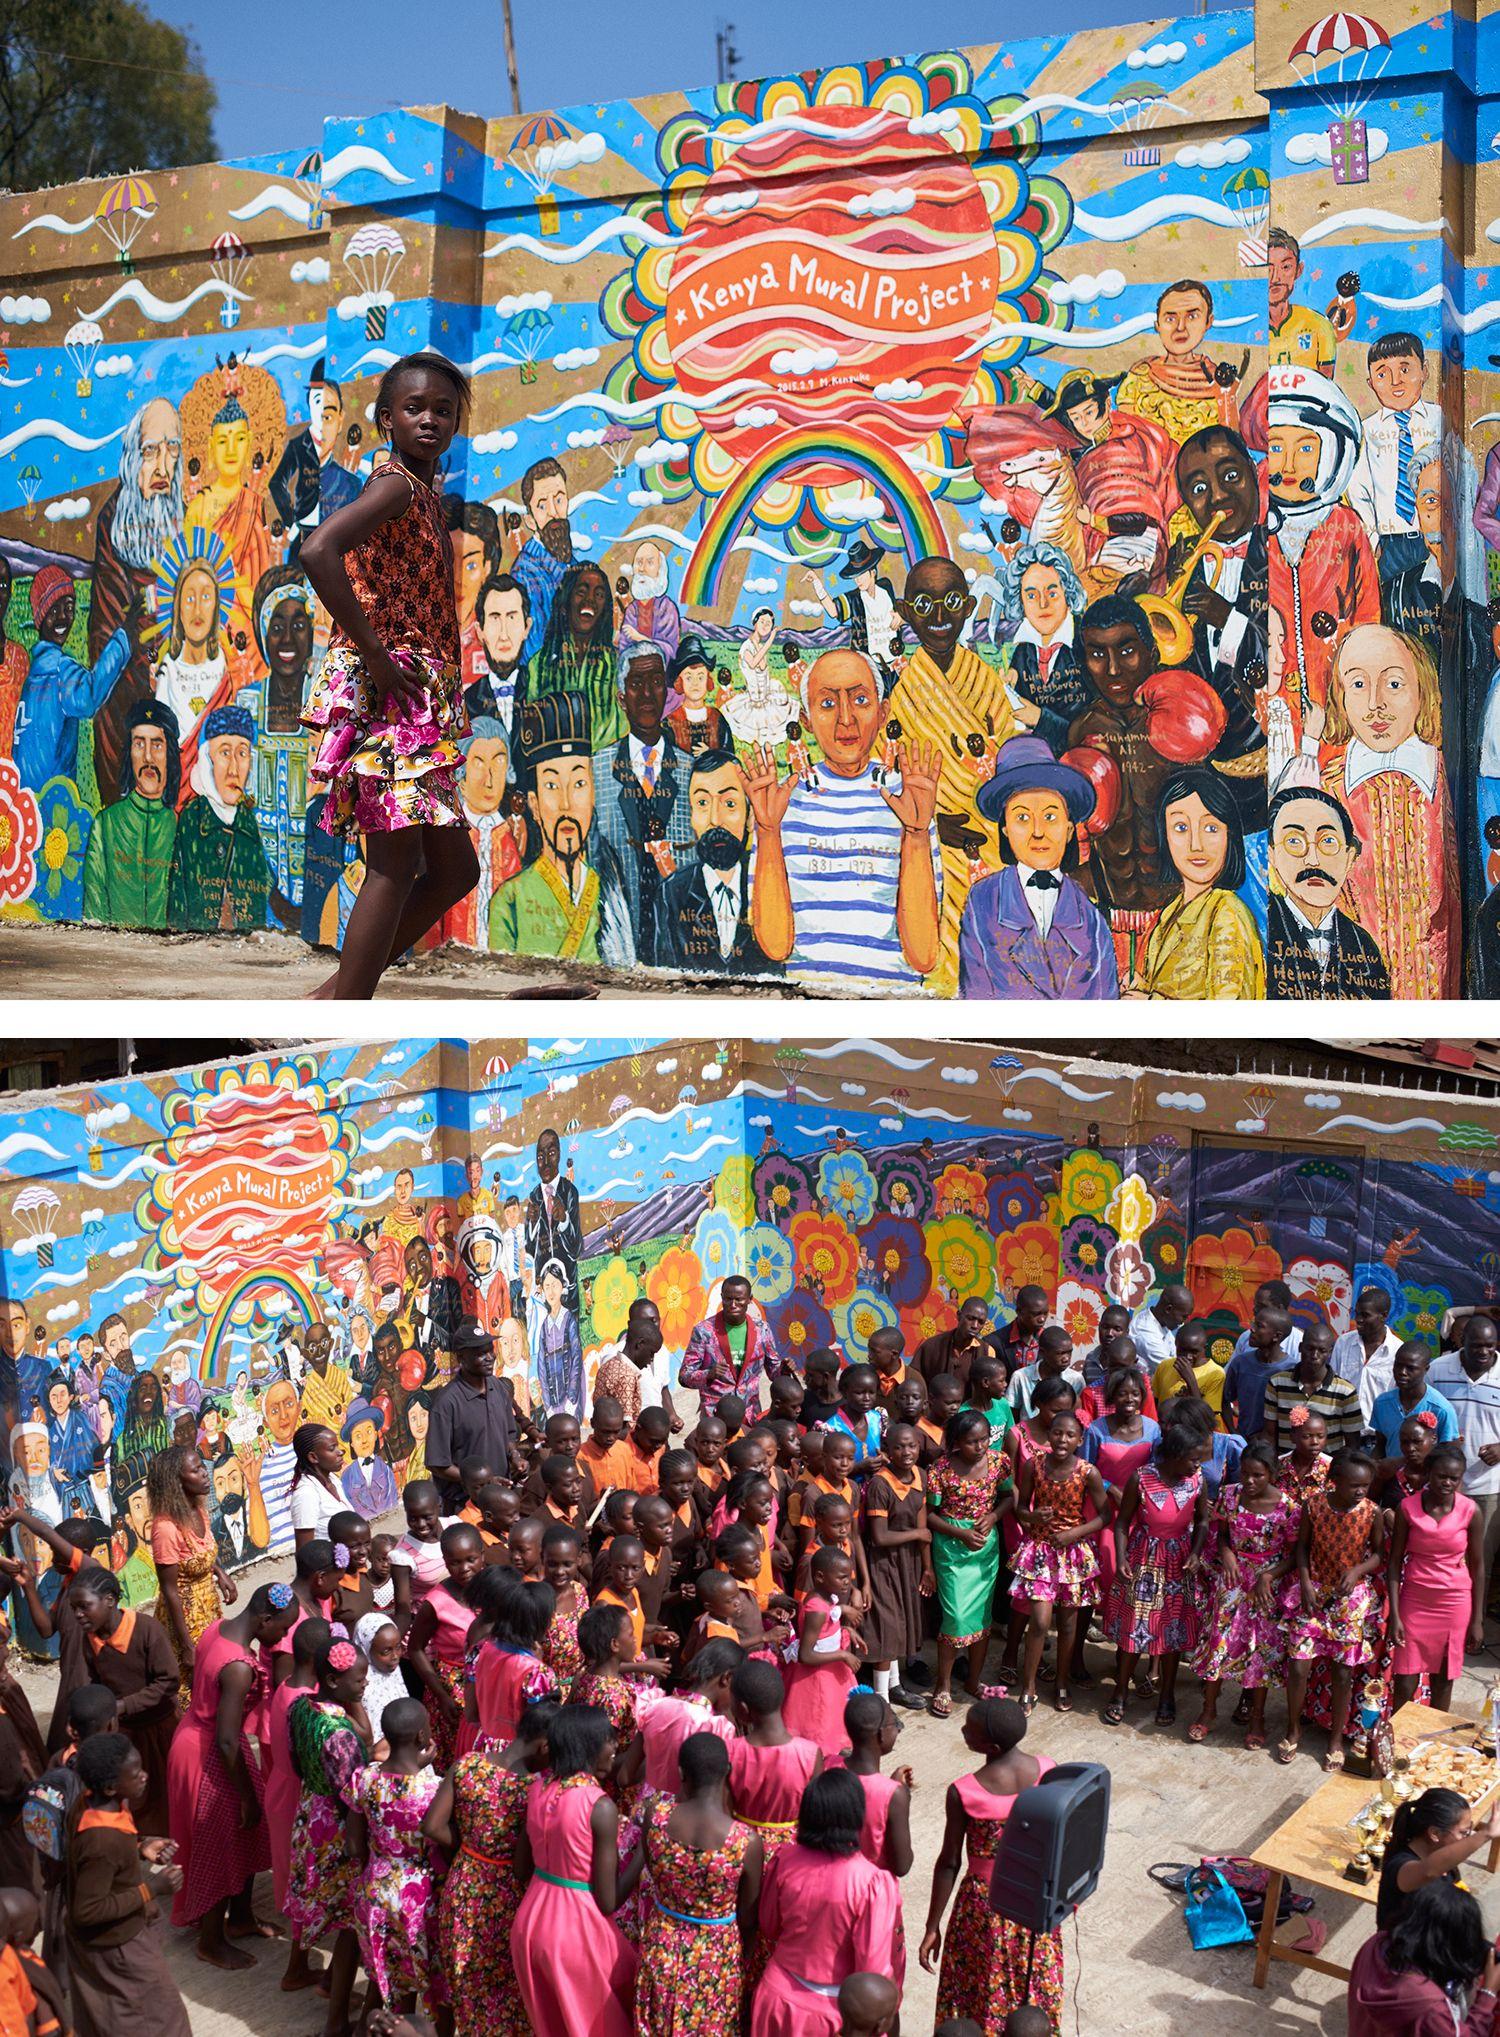 「Super Happy」がミヤザキさんの描く壁画のテーマ。一目見ただけで、心が明るくなる豊かな色彩と躍動感あふれる絵柄が壁に映える。